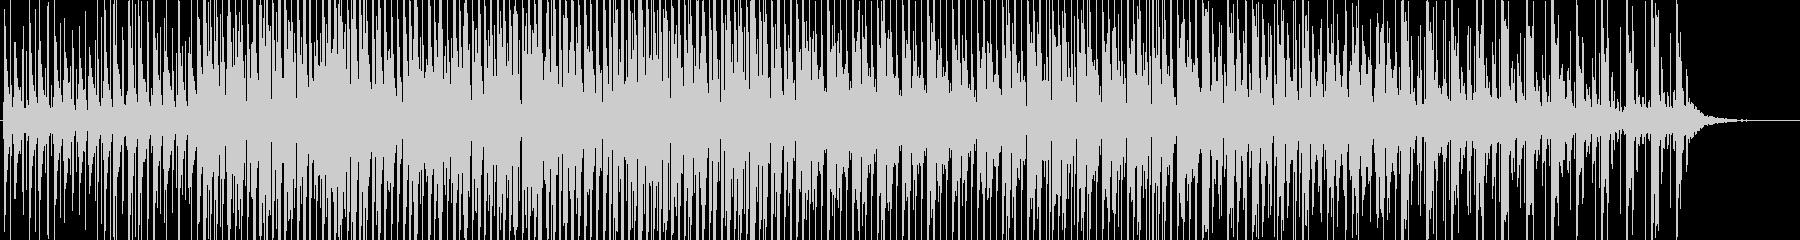 チル-リラックス♪アコースティックBGMの未再生の波形